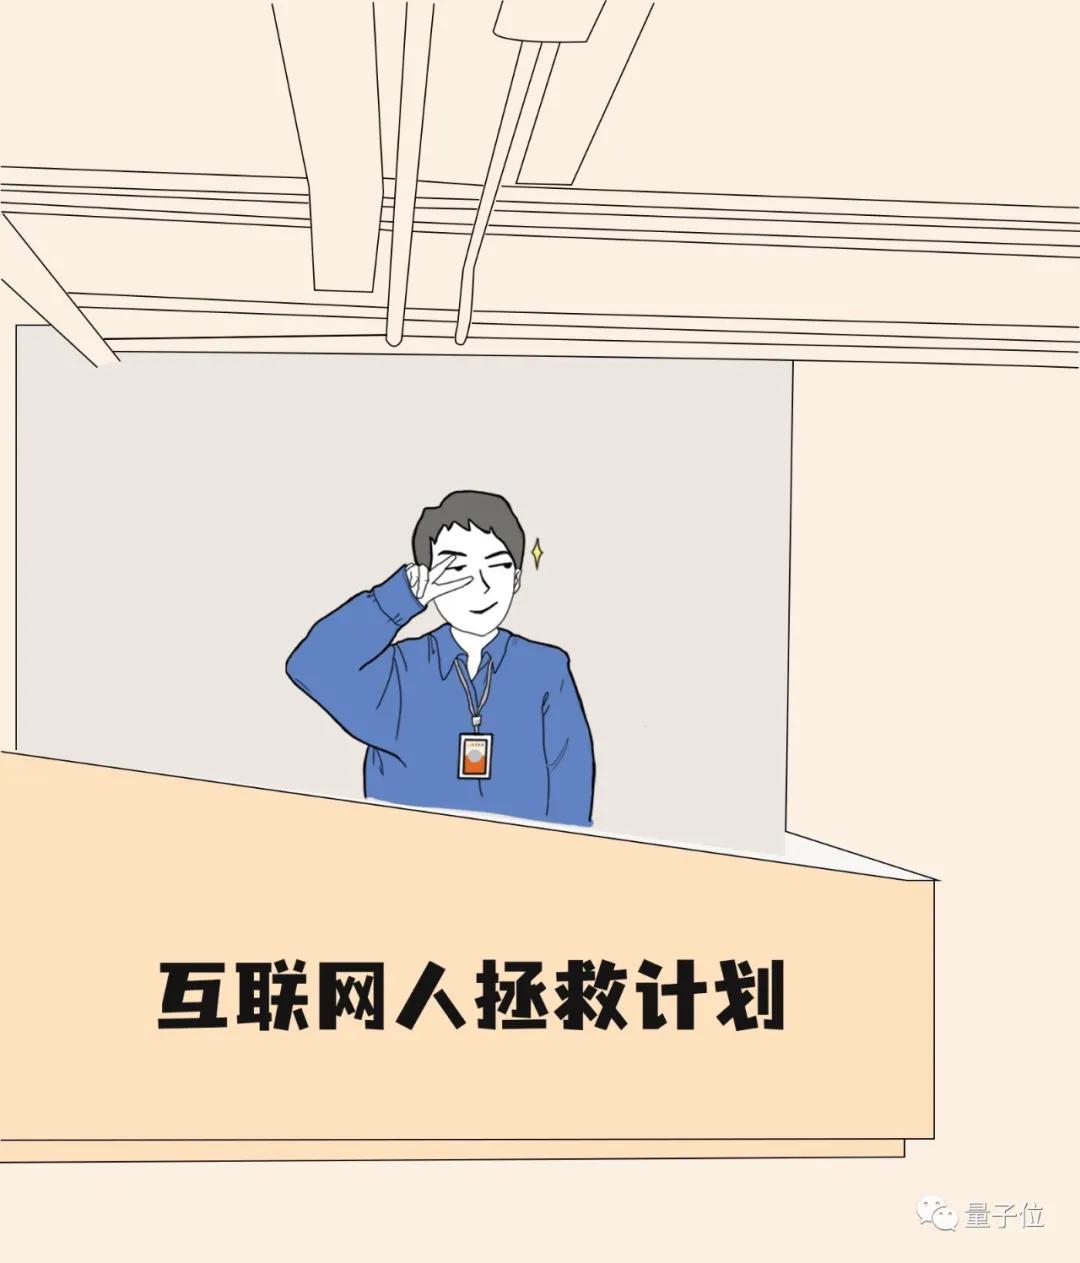 Office for AI   拯救互联网人崩溃瞬间